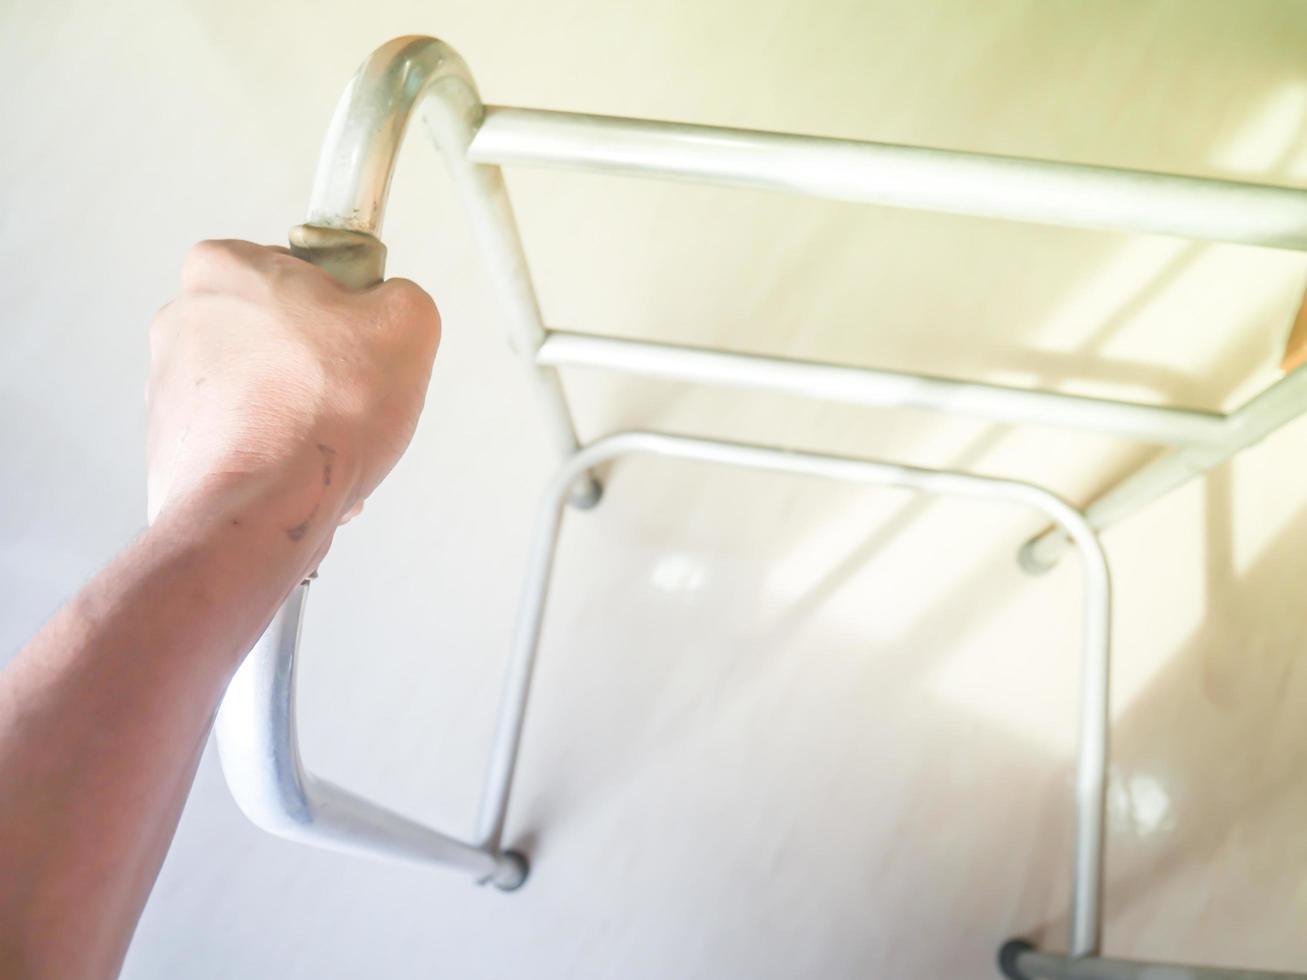 vänster grepp om gånghjälpmedel, medicinsk utrustning för patienter som inte kan gå foto